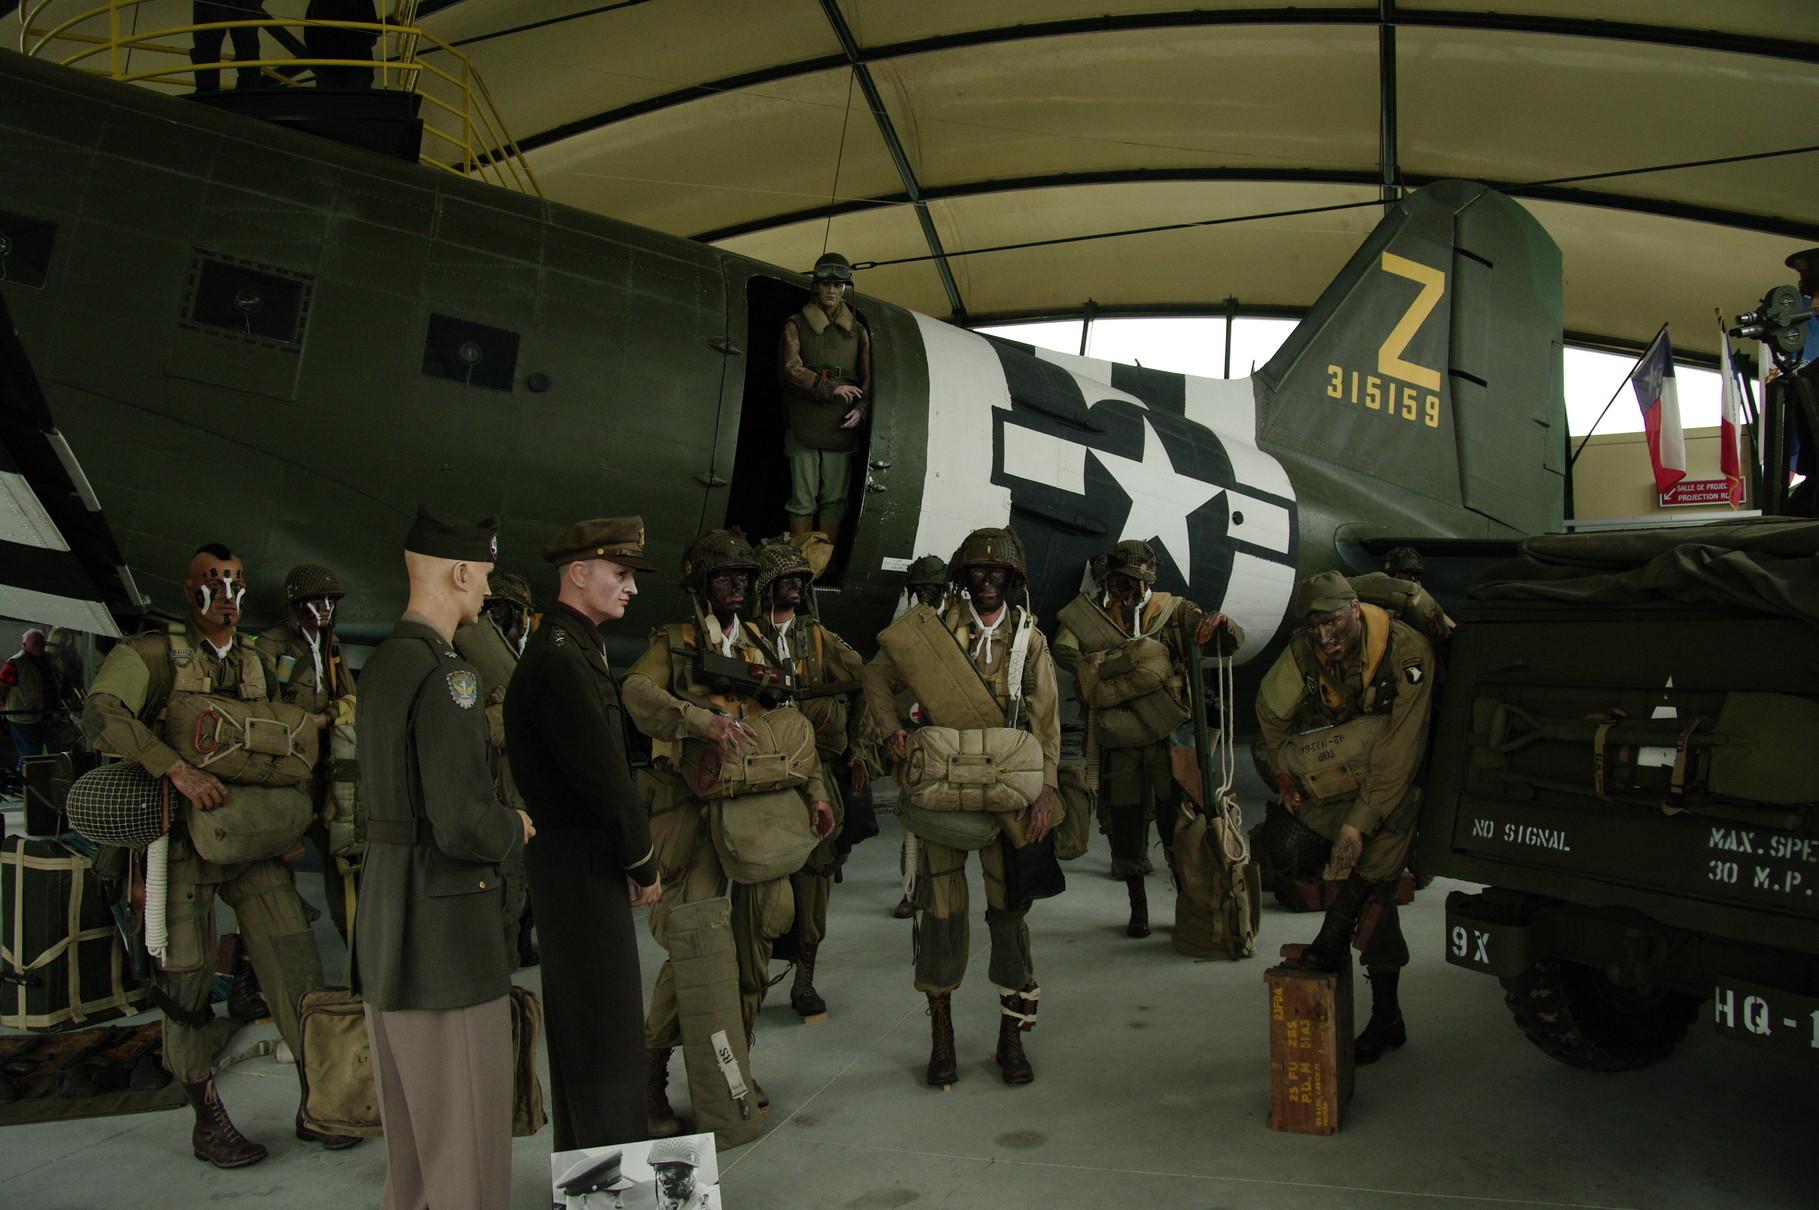 Reconstitution de l'embarquement (en présence d'Eisenhower ?)